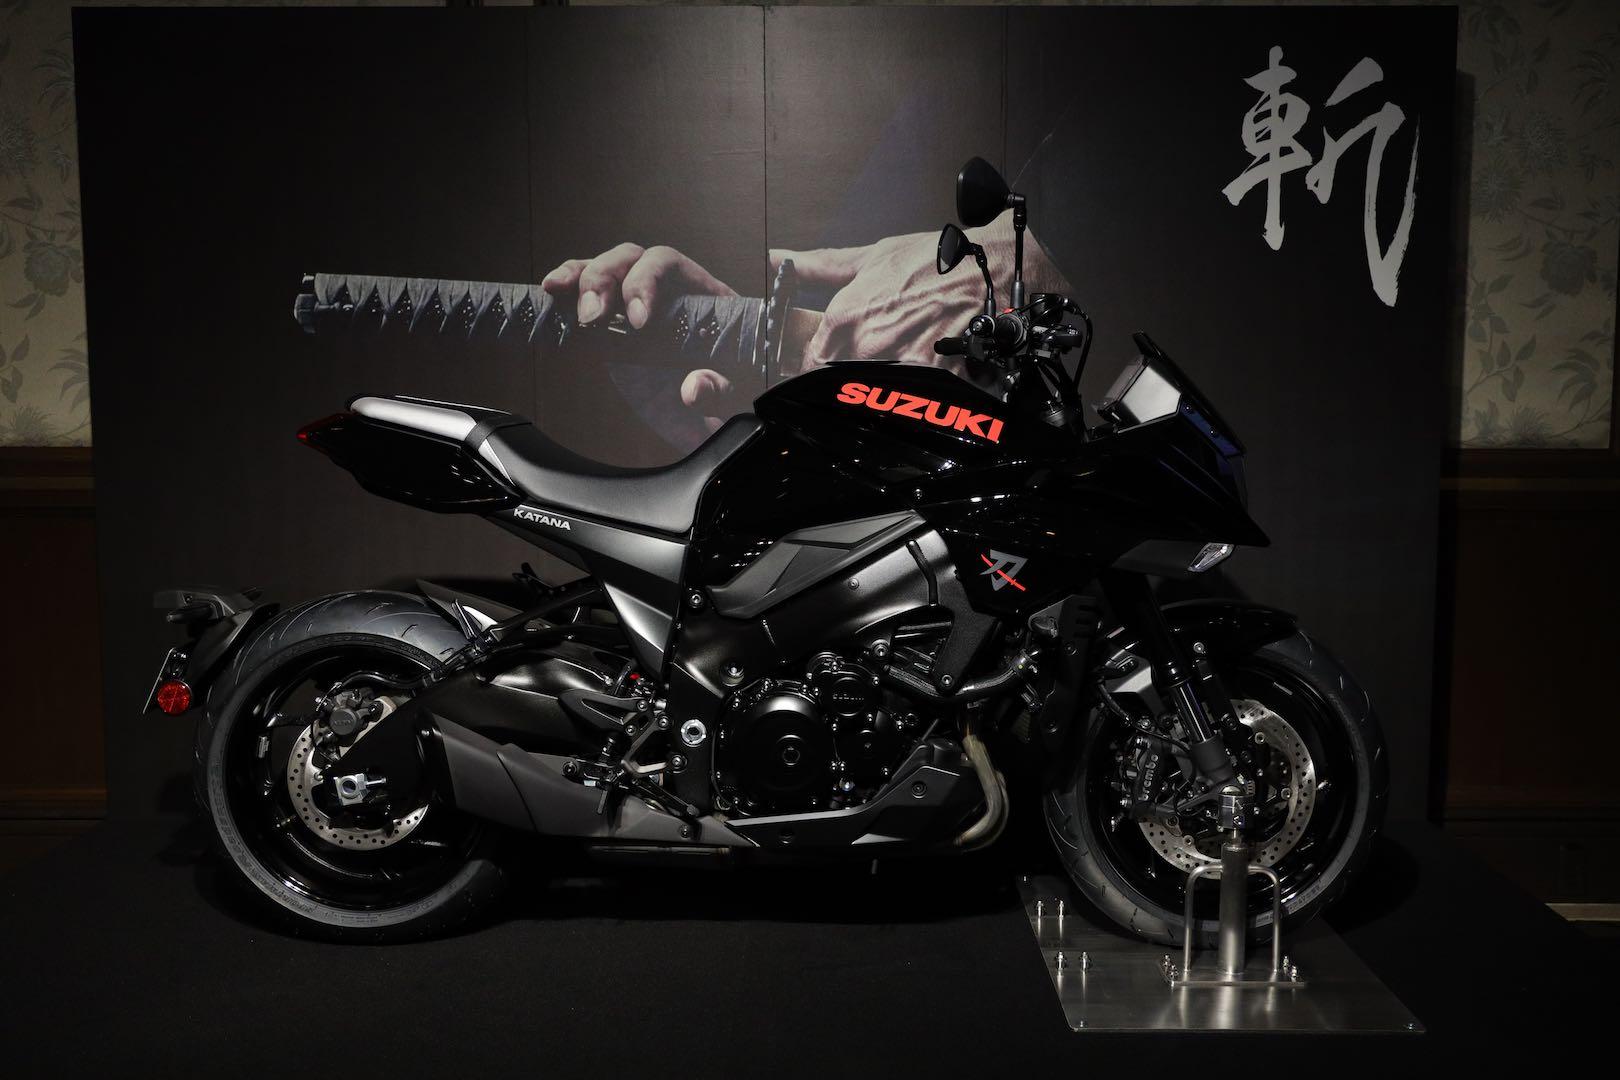 2020 Suzuki Katana in glossy black